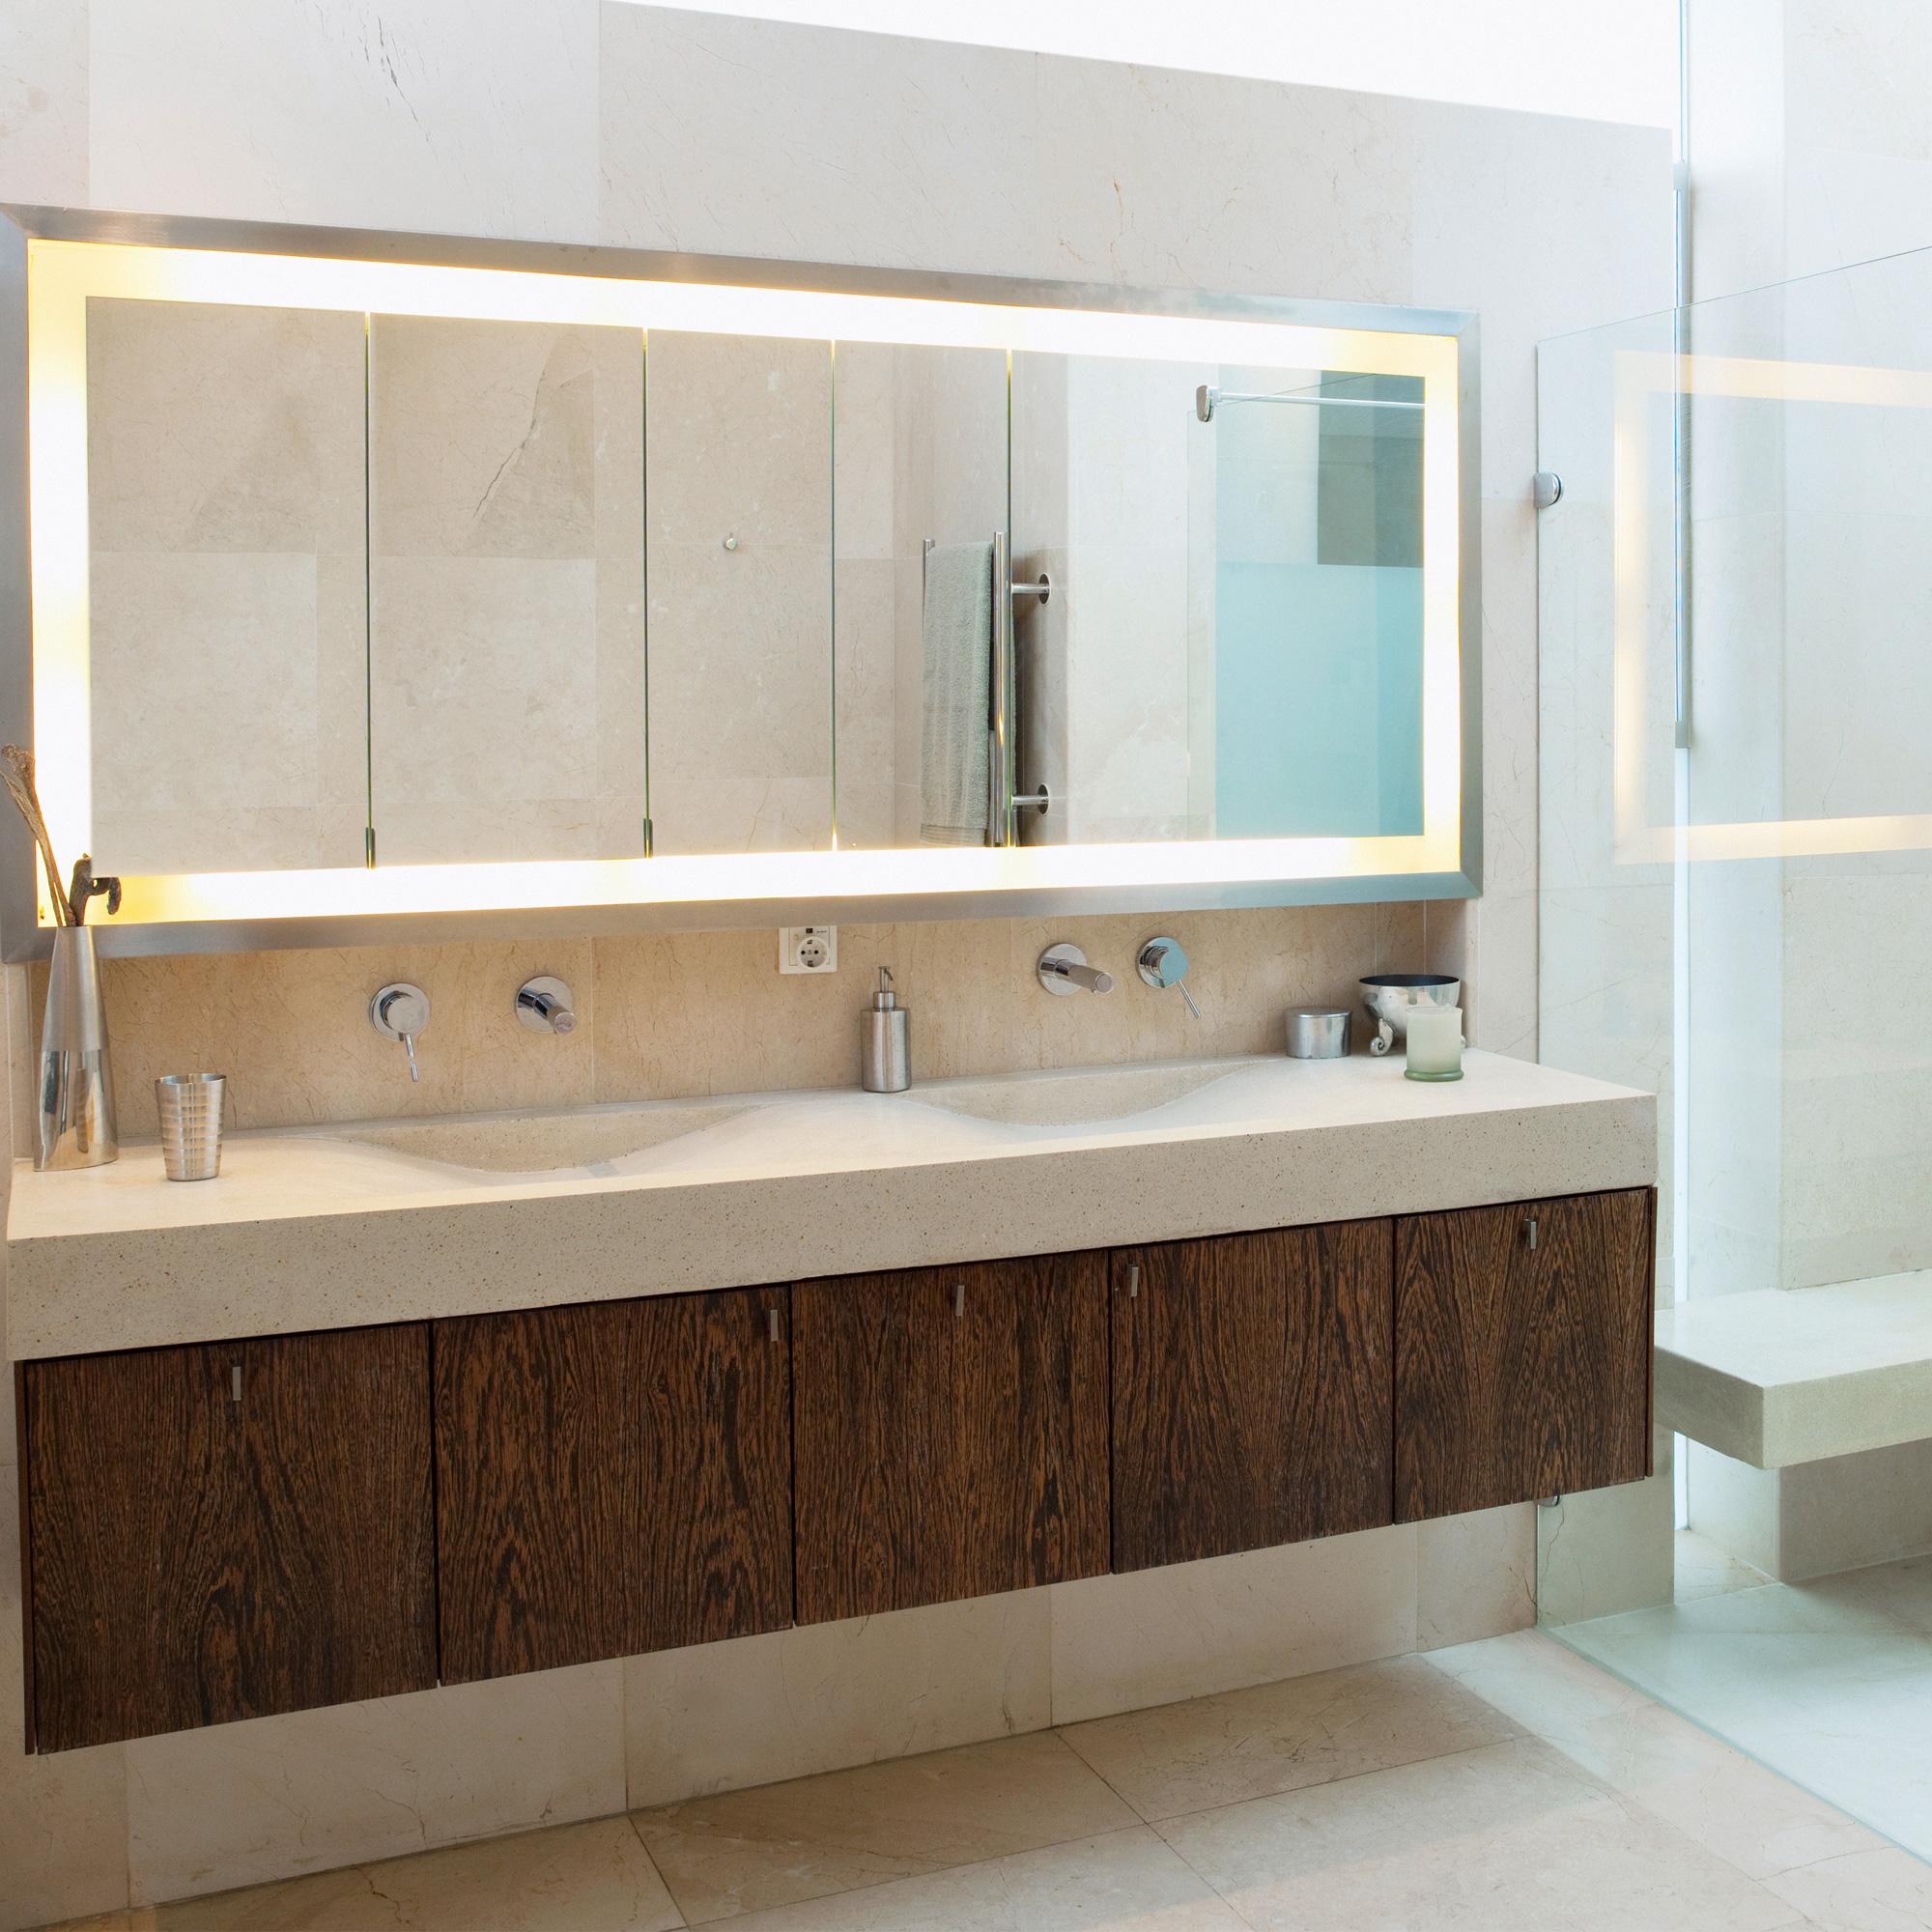 Elektroheizkörper Bad mit Thermostat steuern für gemütliche Wärme